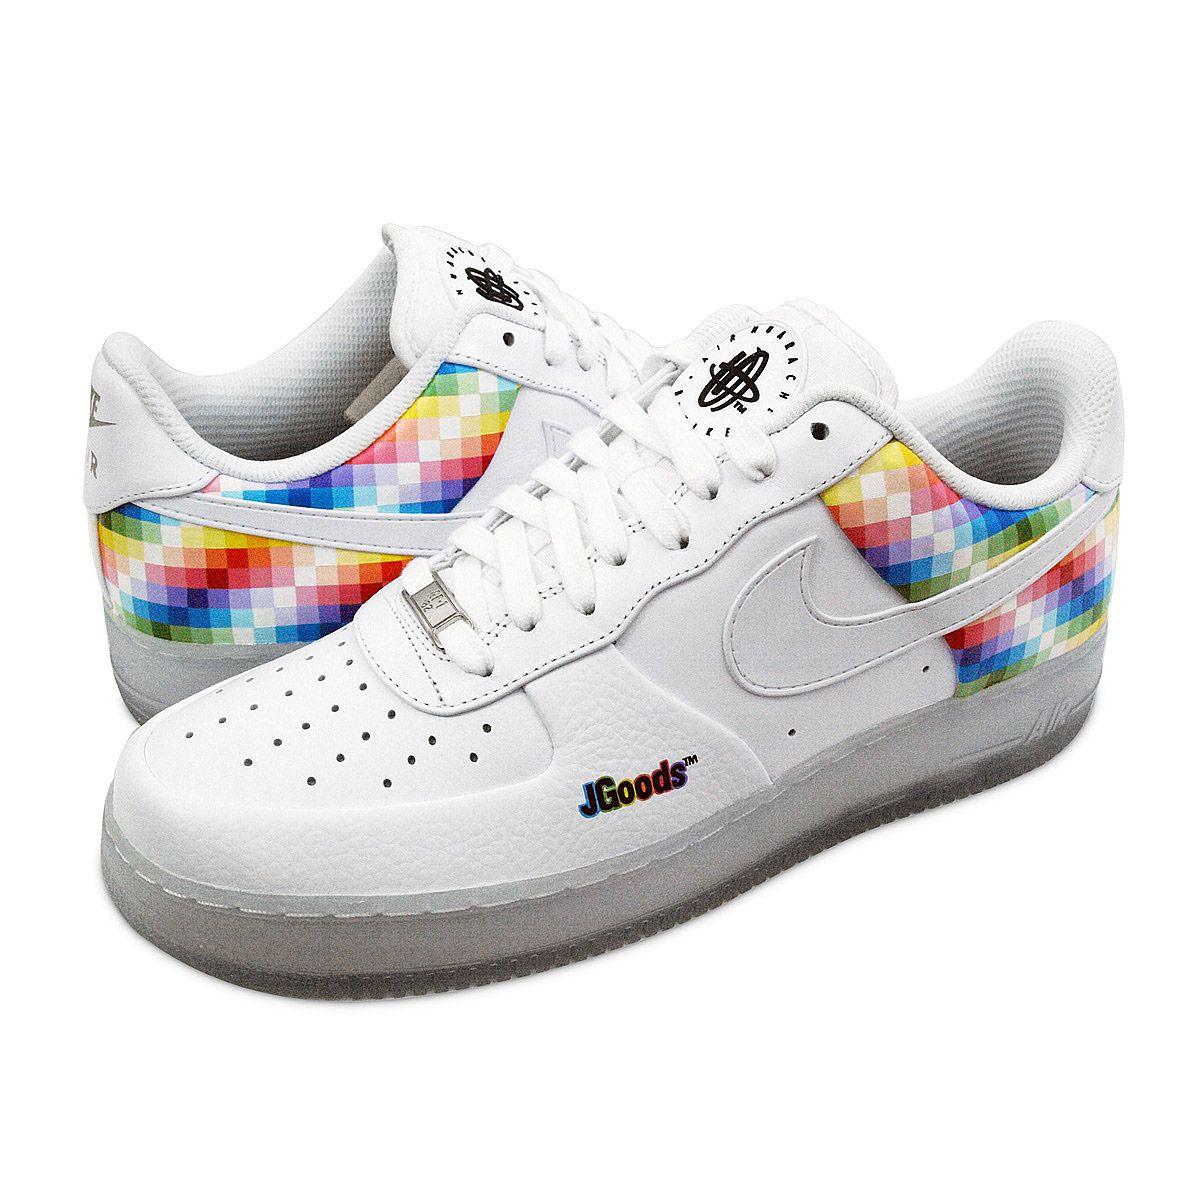 Sneaker Customization Kit | Sneaker Painting Kit, Coloring Kit